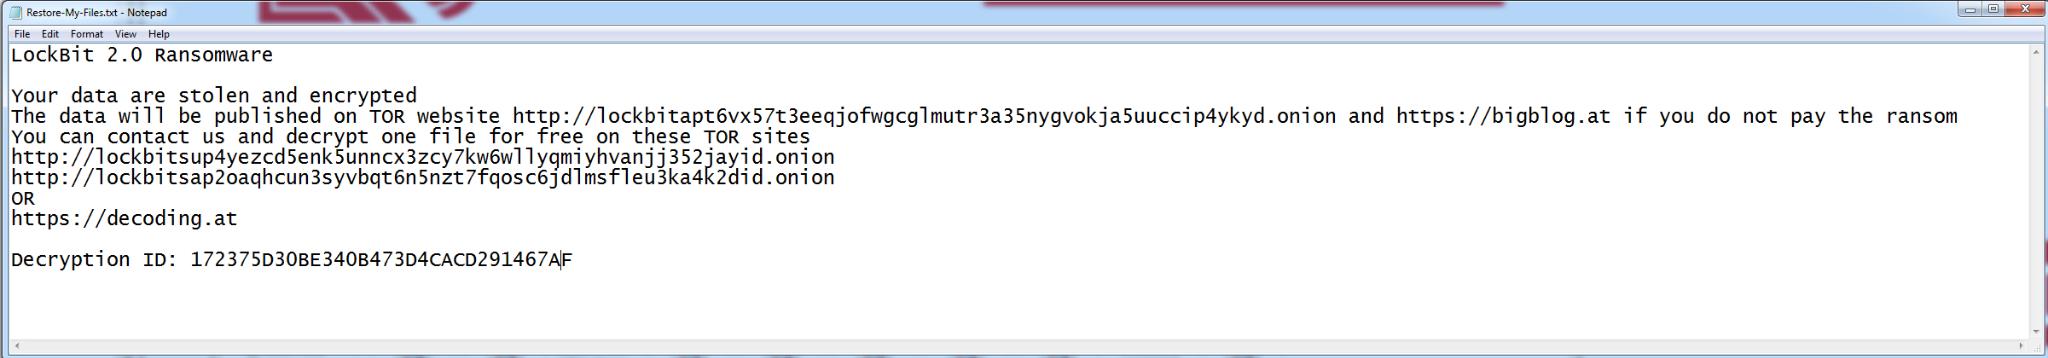 LockBit 2.0の身代金要求メモ「あなたのデータは盗まれて暗号化されました。このデータはTorのWebサイトで公開されます…」このメモには、Webアドレスが記載されており、証拠としてファイルを1つ無料で解読すると提案しています。